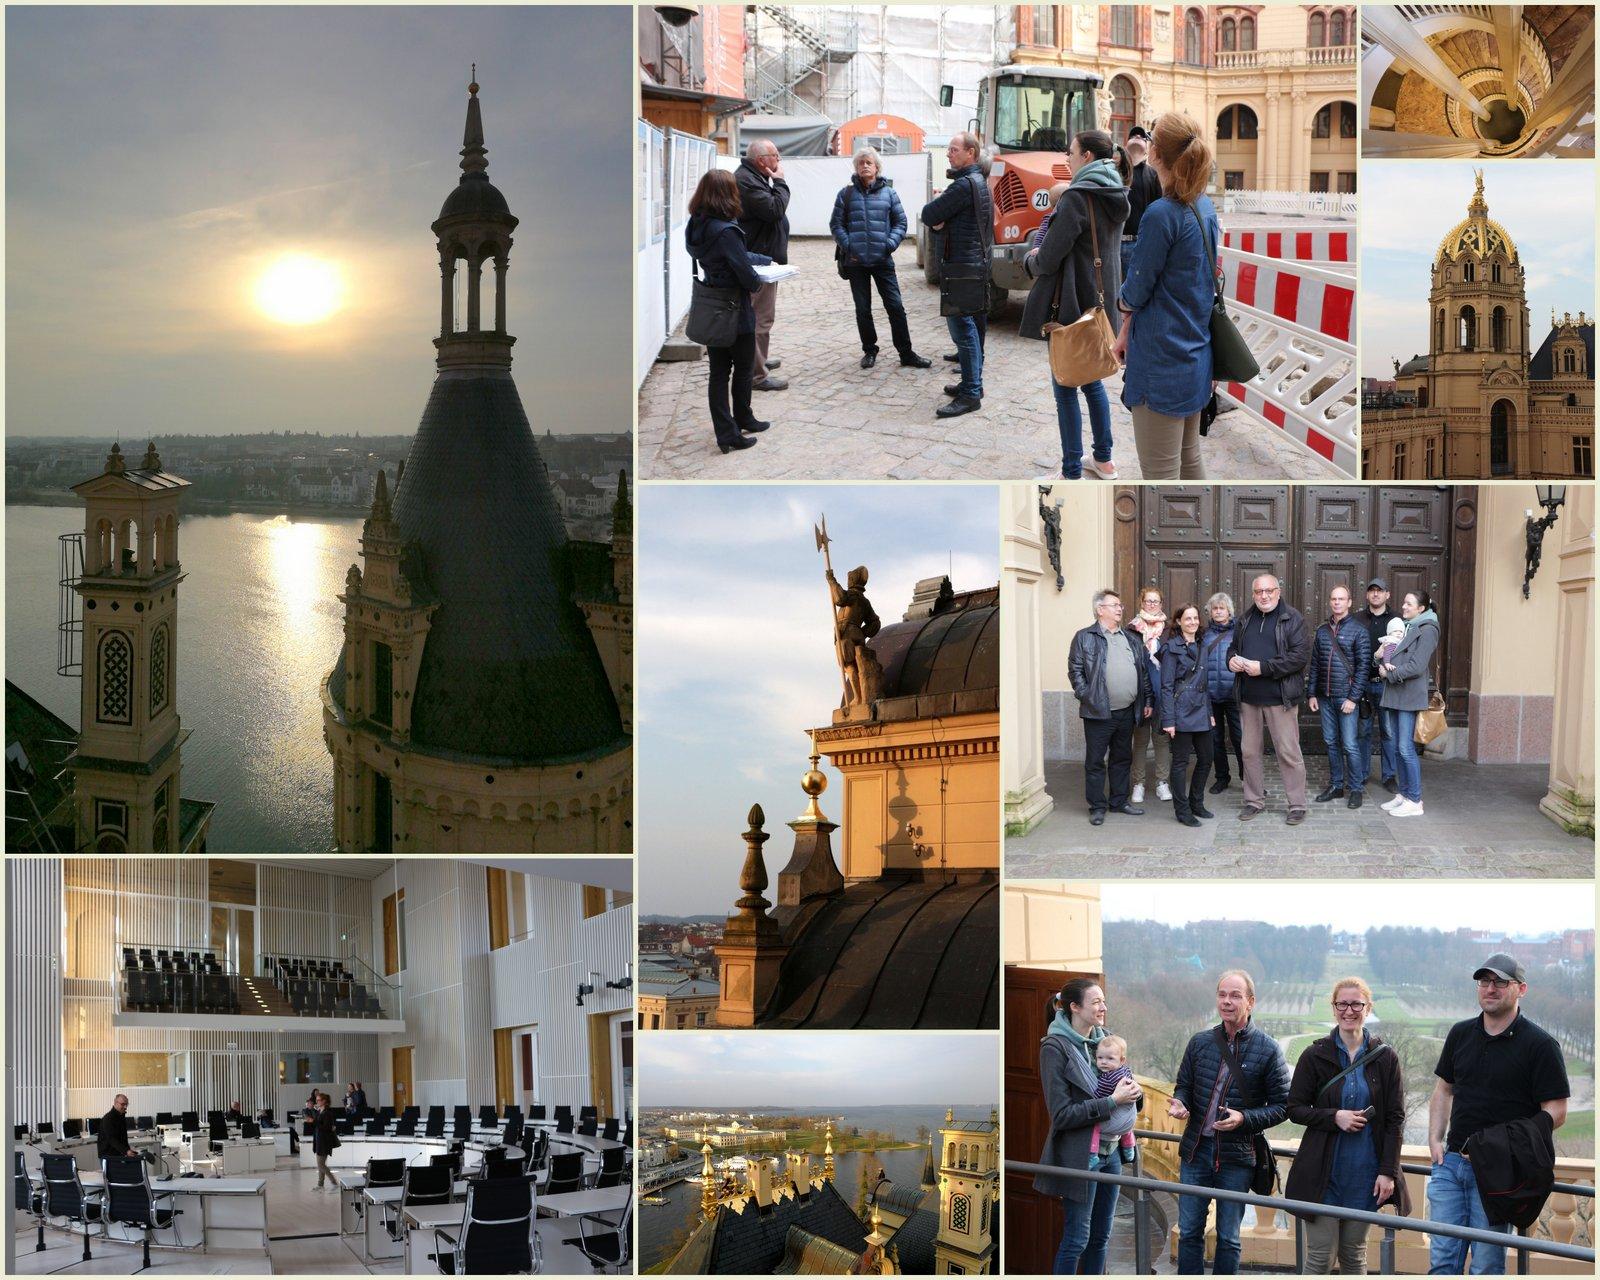 01-2018-04-12_OT-Schlossführung1